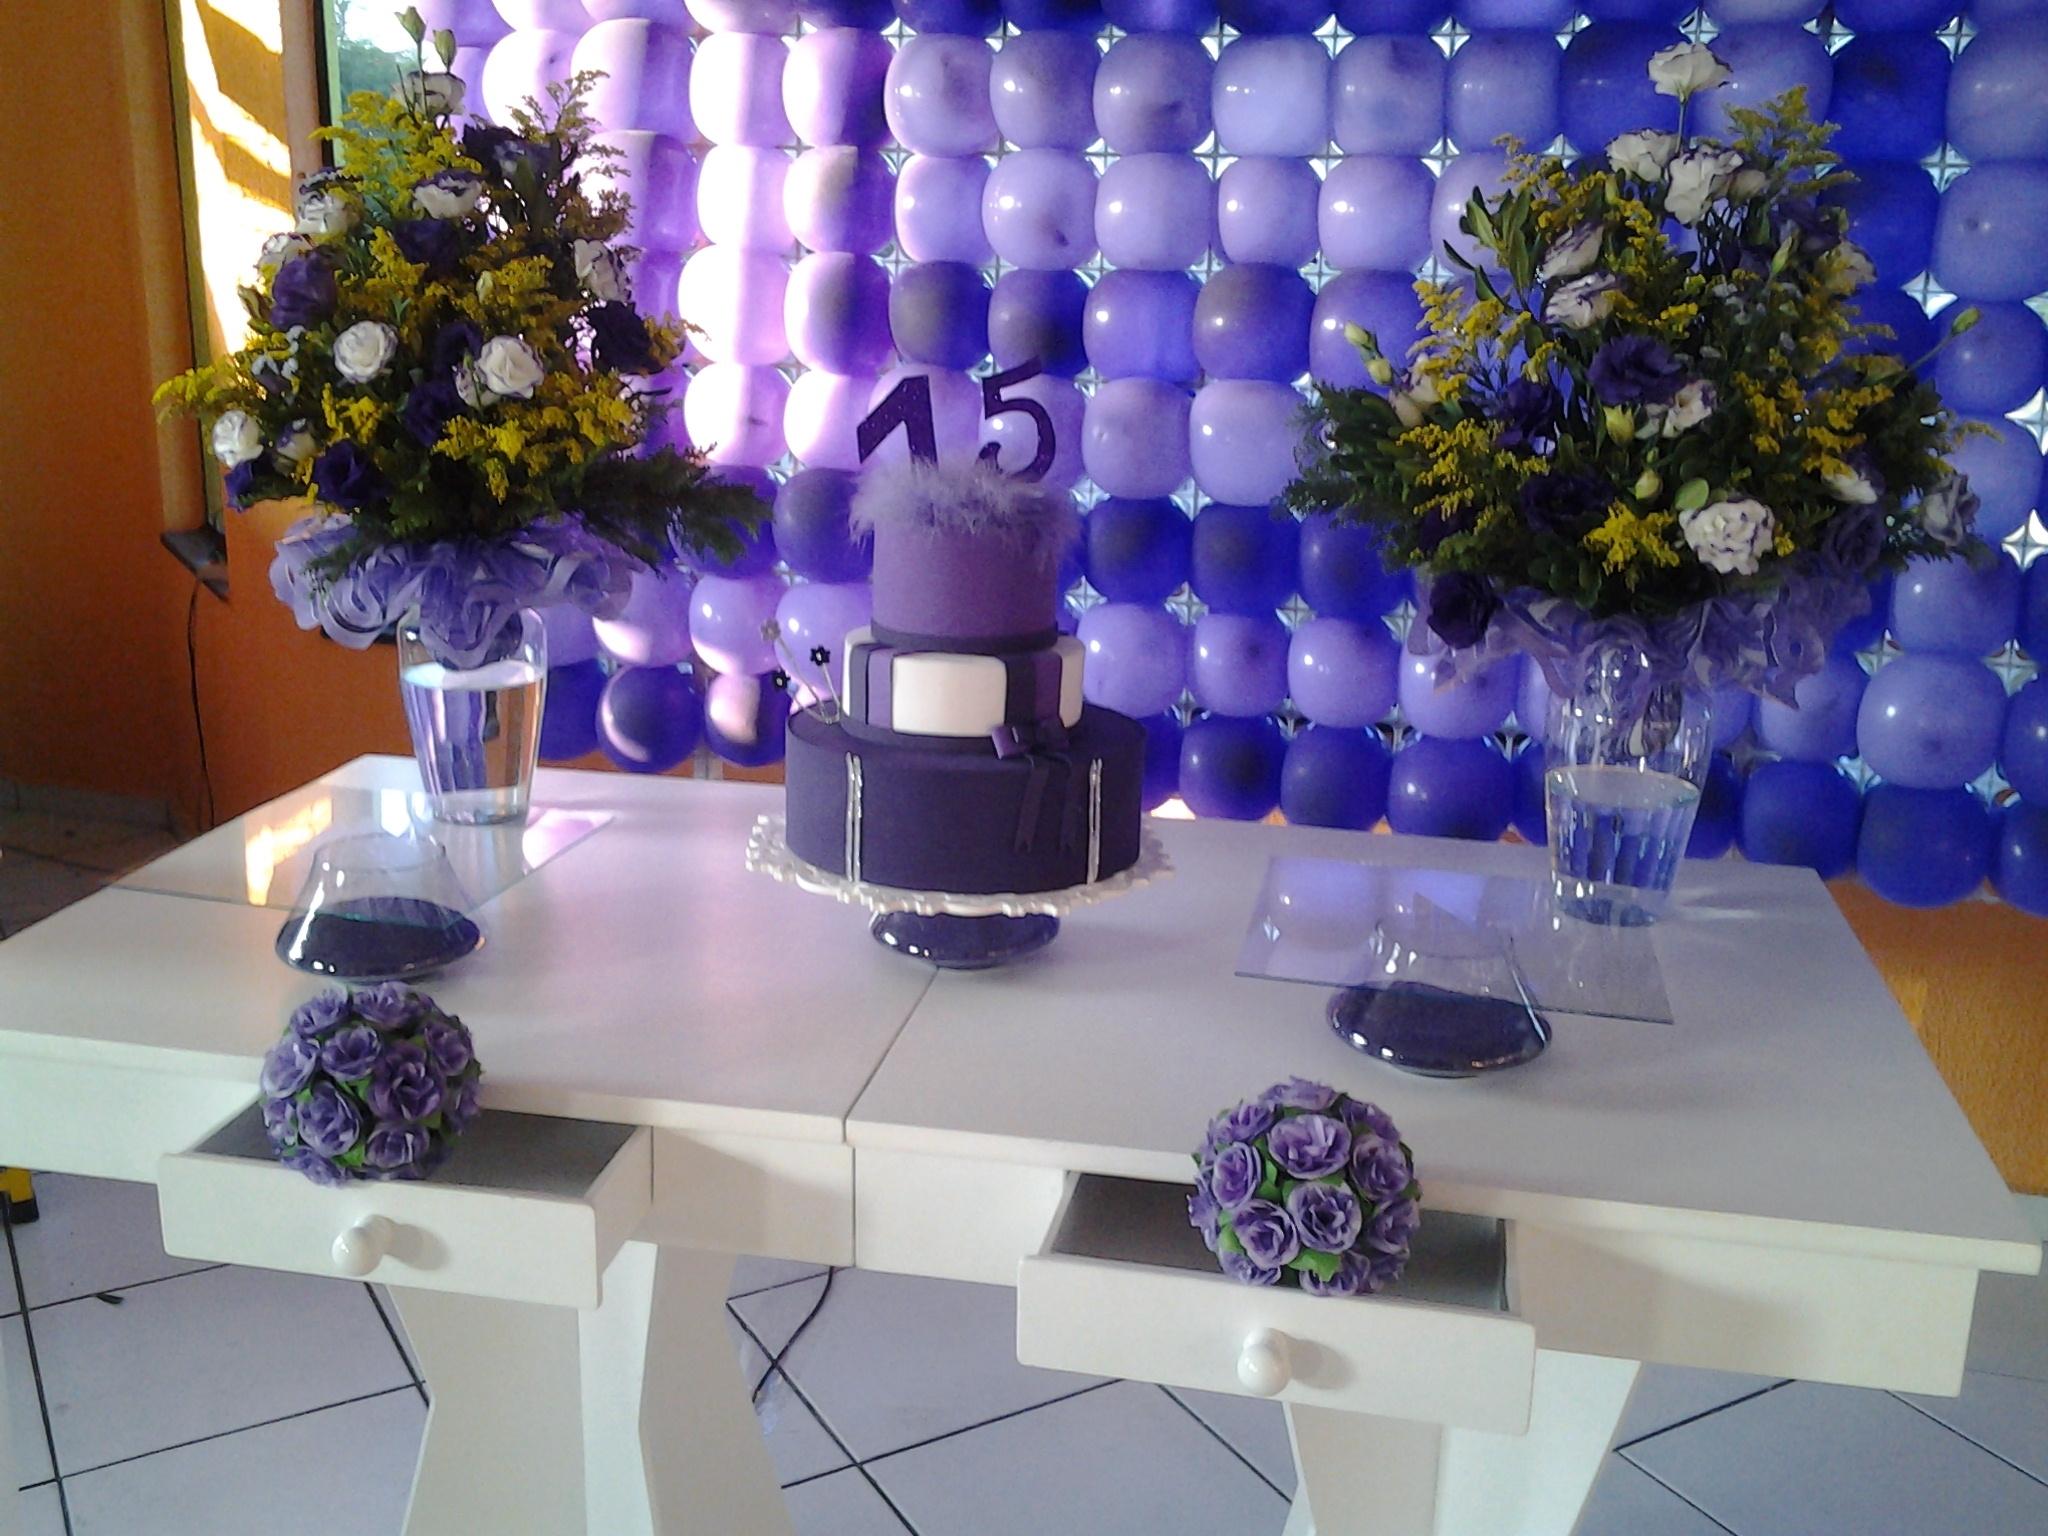 Aluguel mesa 15 anos roxo e lil s festa glamour for Cubre sillas para 15 anos